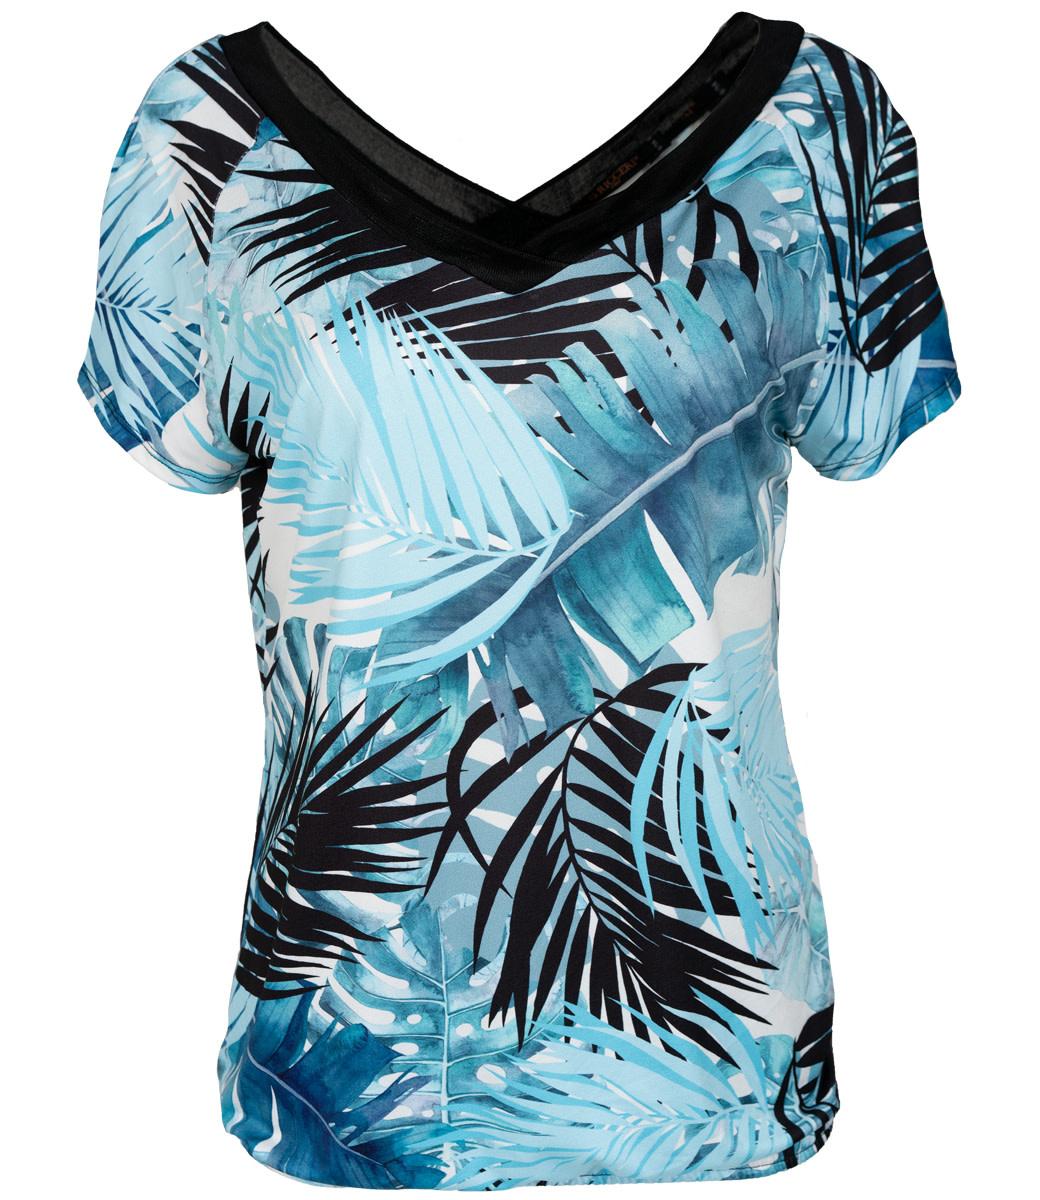 Gemma Ricceri Shirt blauw/zwart Florina